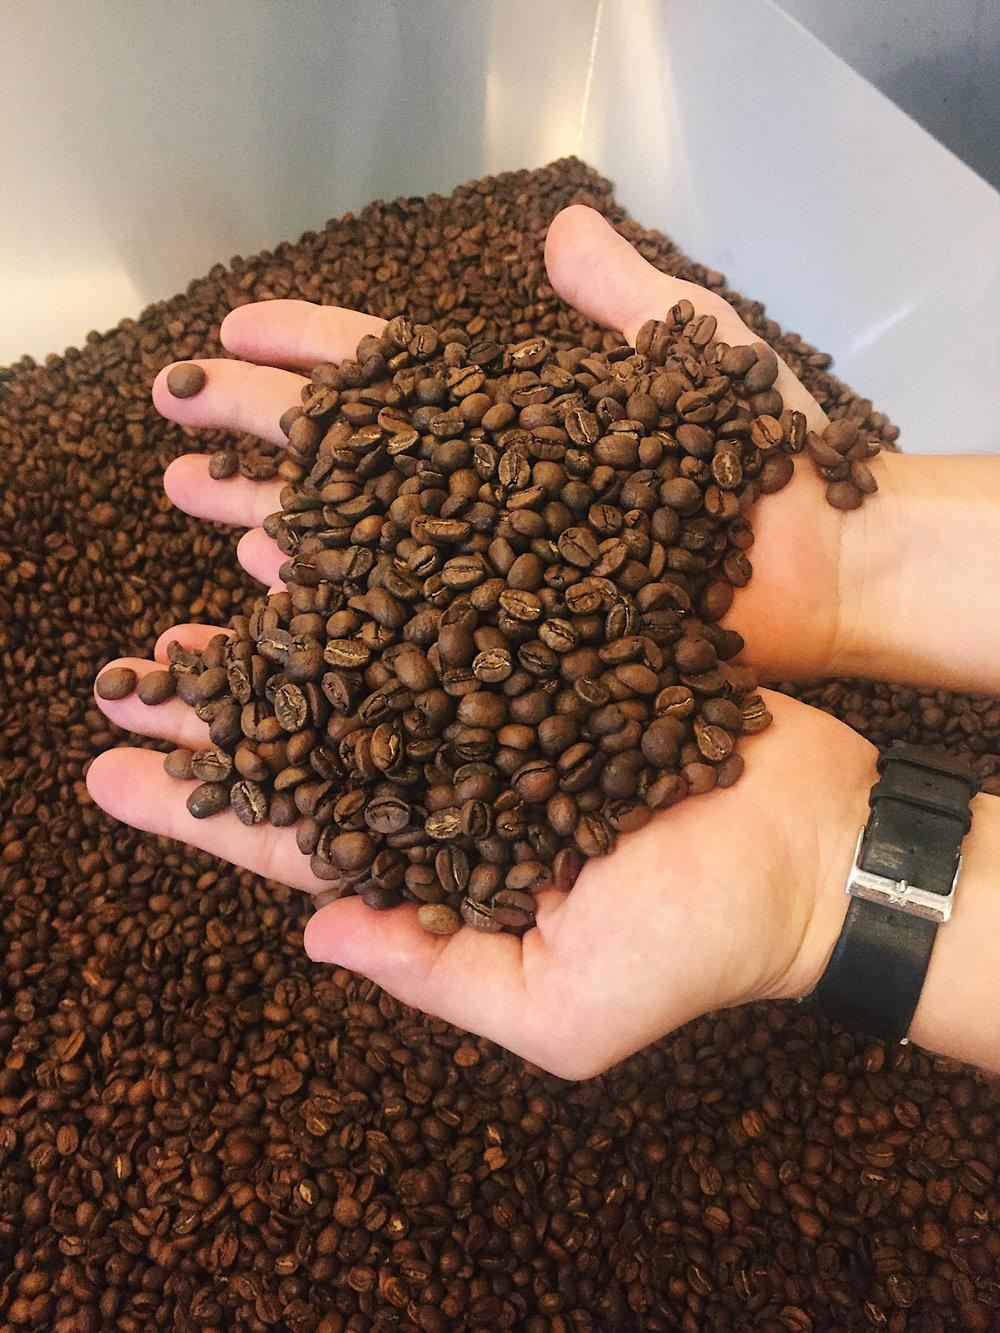 Færdigristede kaffebønner.